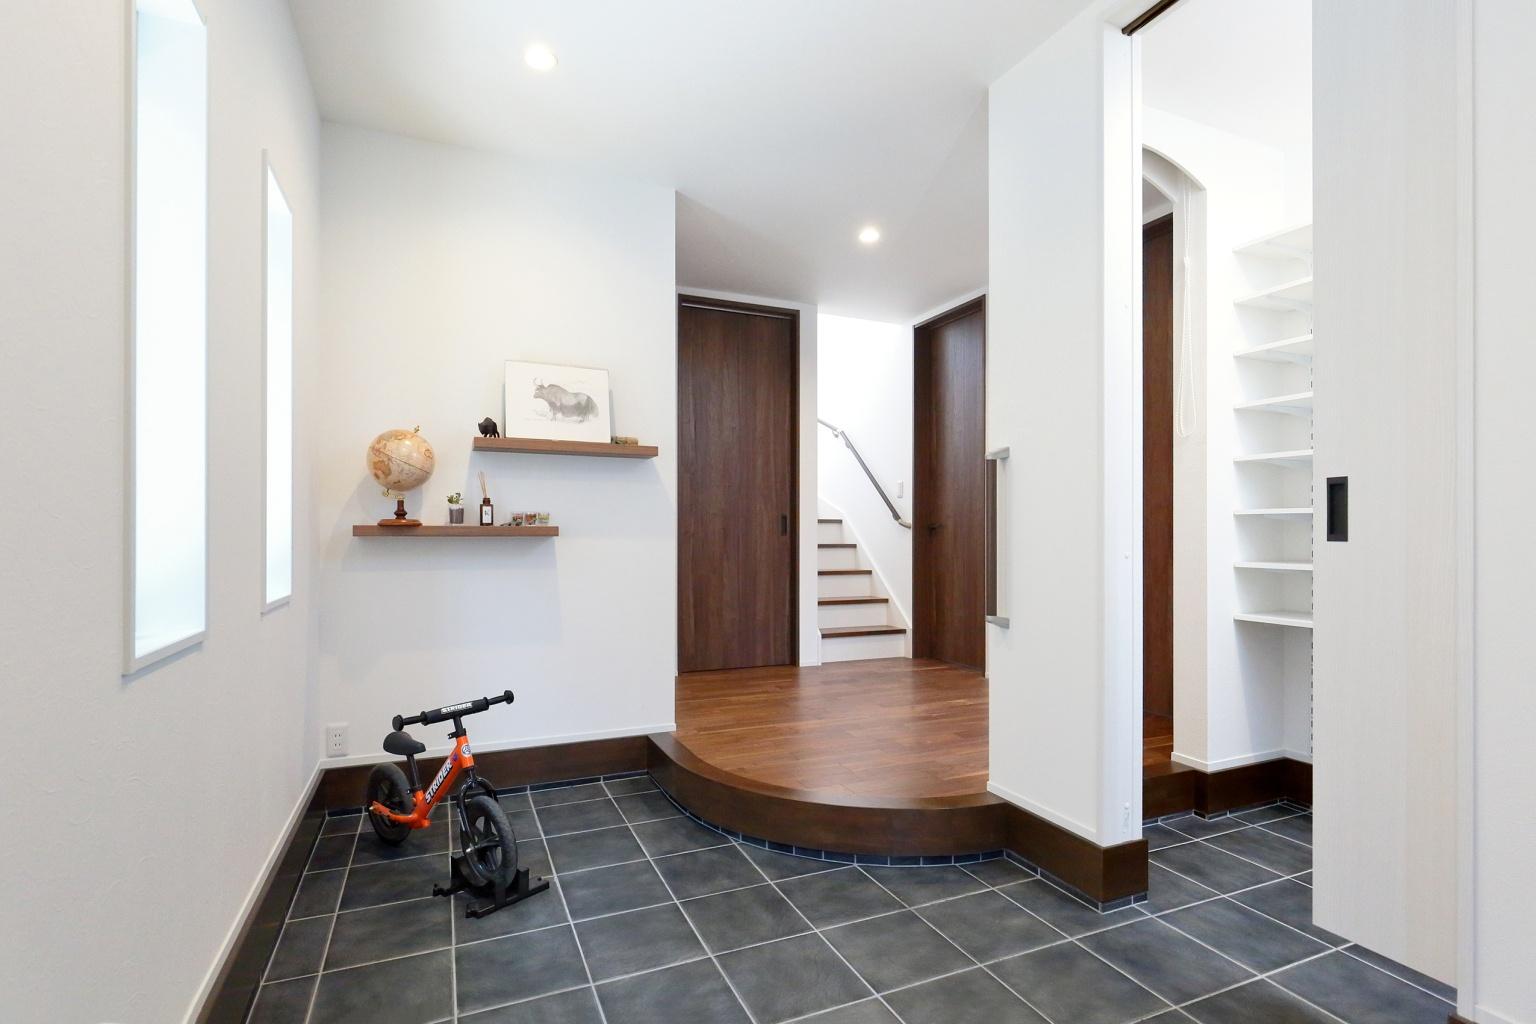 。クローク内からも室内にアクセスできる間取りにしたことで、家族用と来客用で玄関を分けて